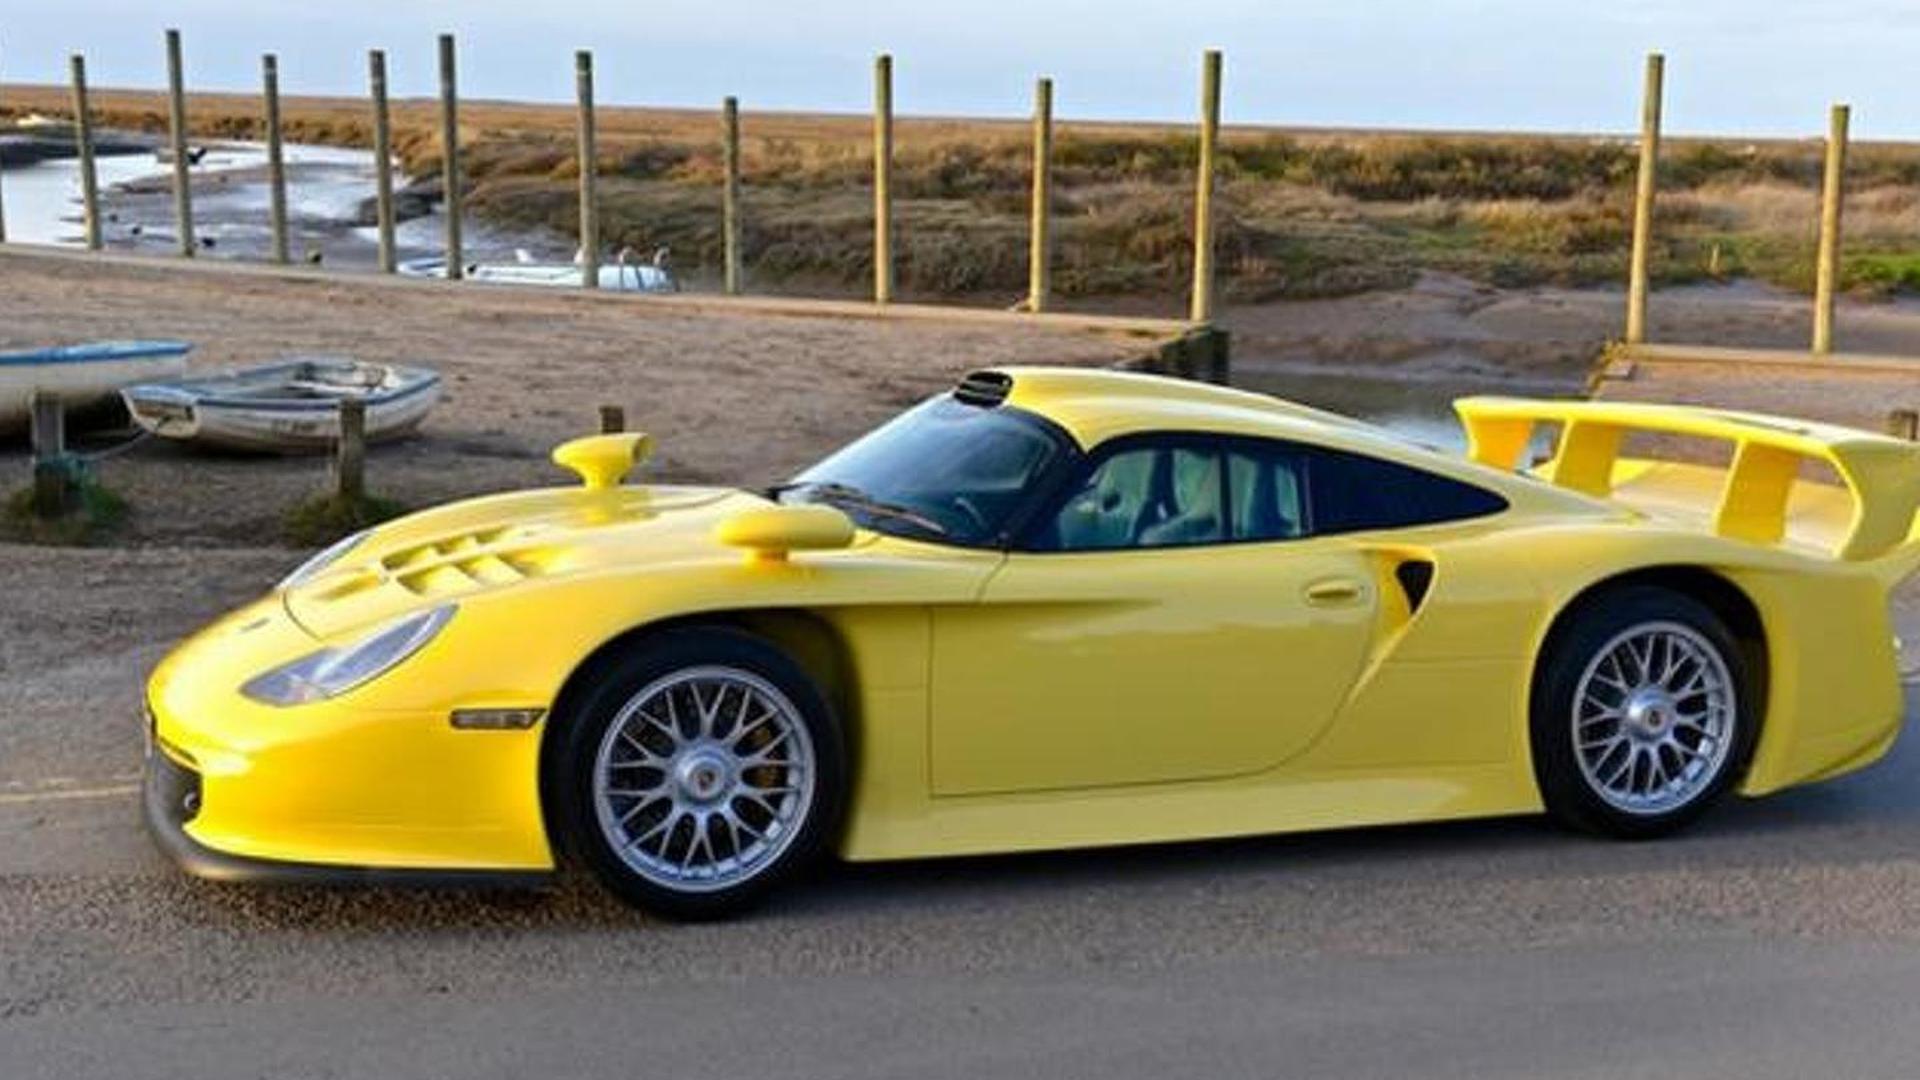 2014-463004-1998-porsche-911-gt1-strassenversion1 Wonderful 1998 Porsche 911 Gt1 Specs Cars Trend